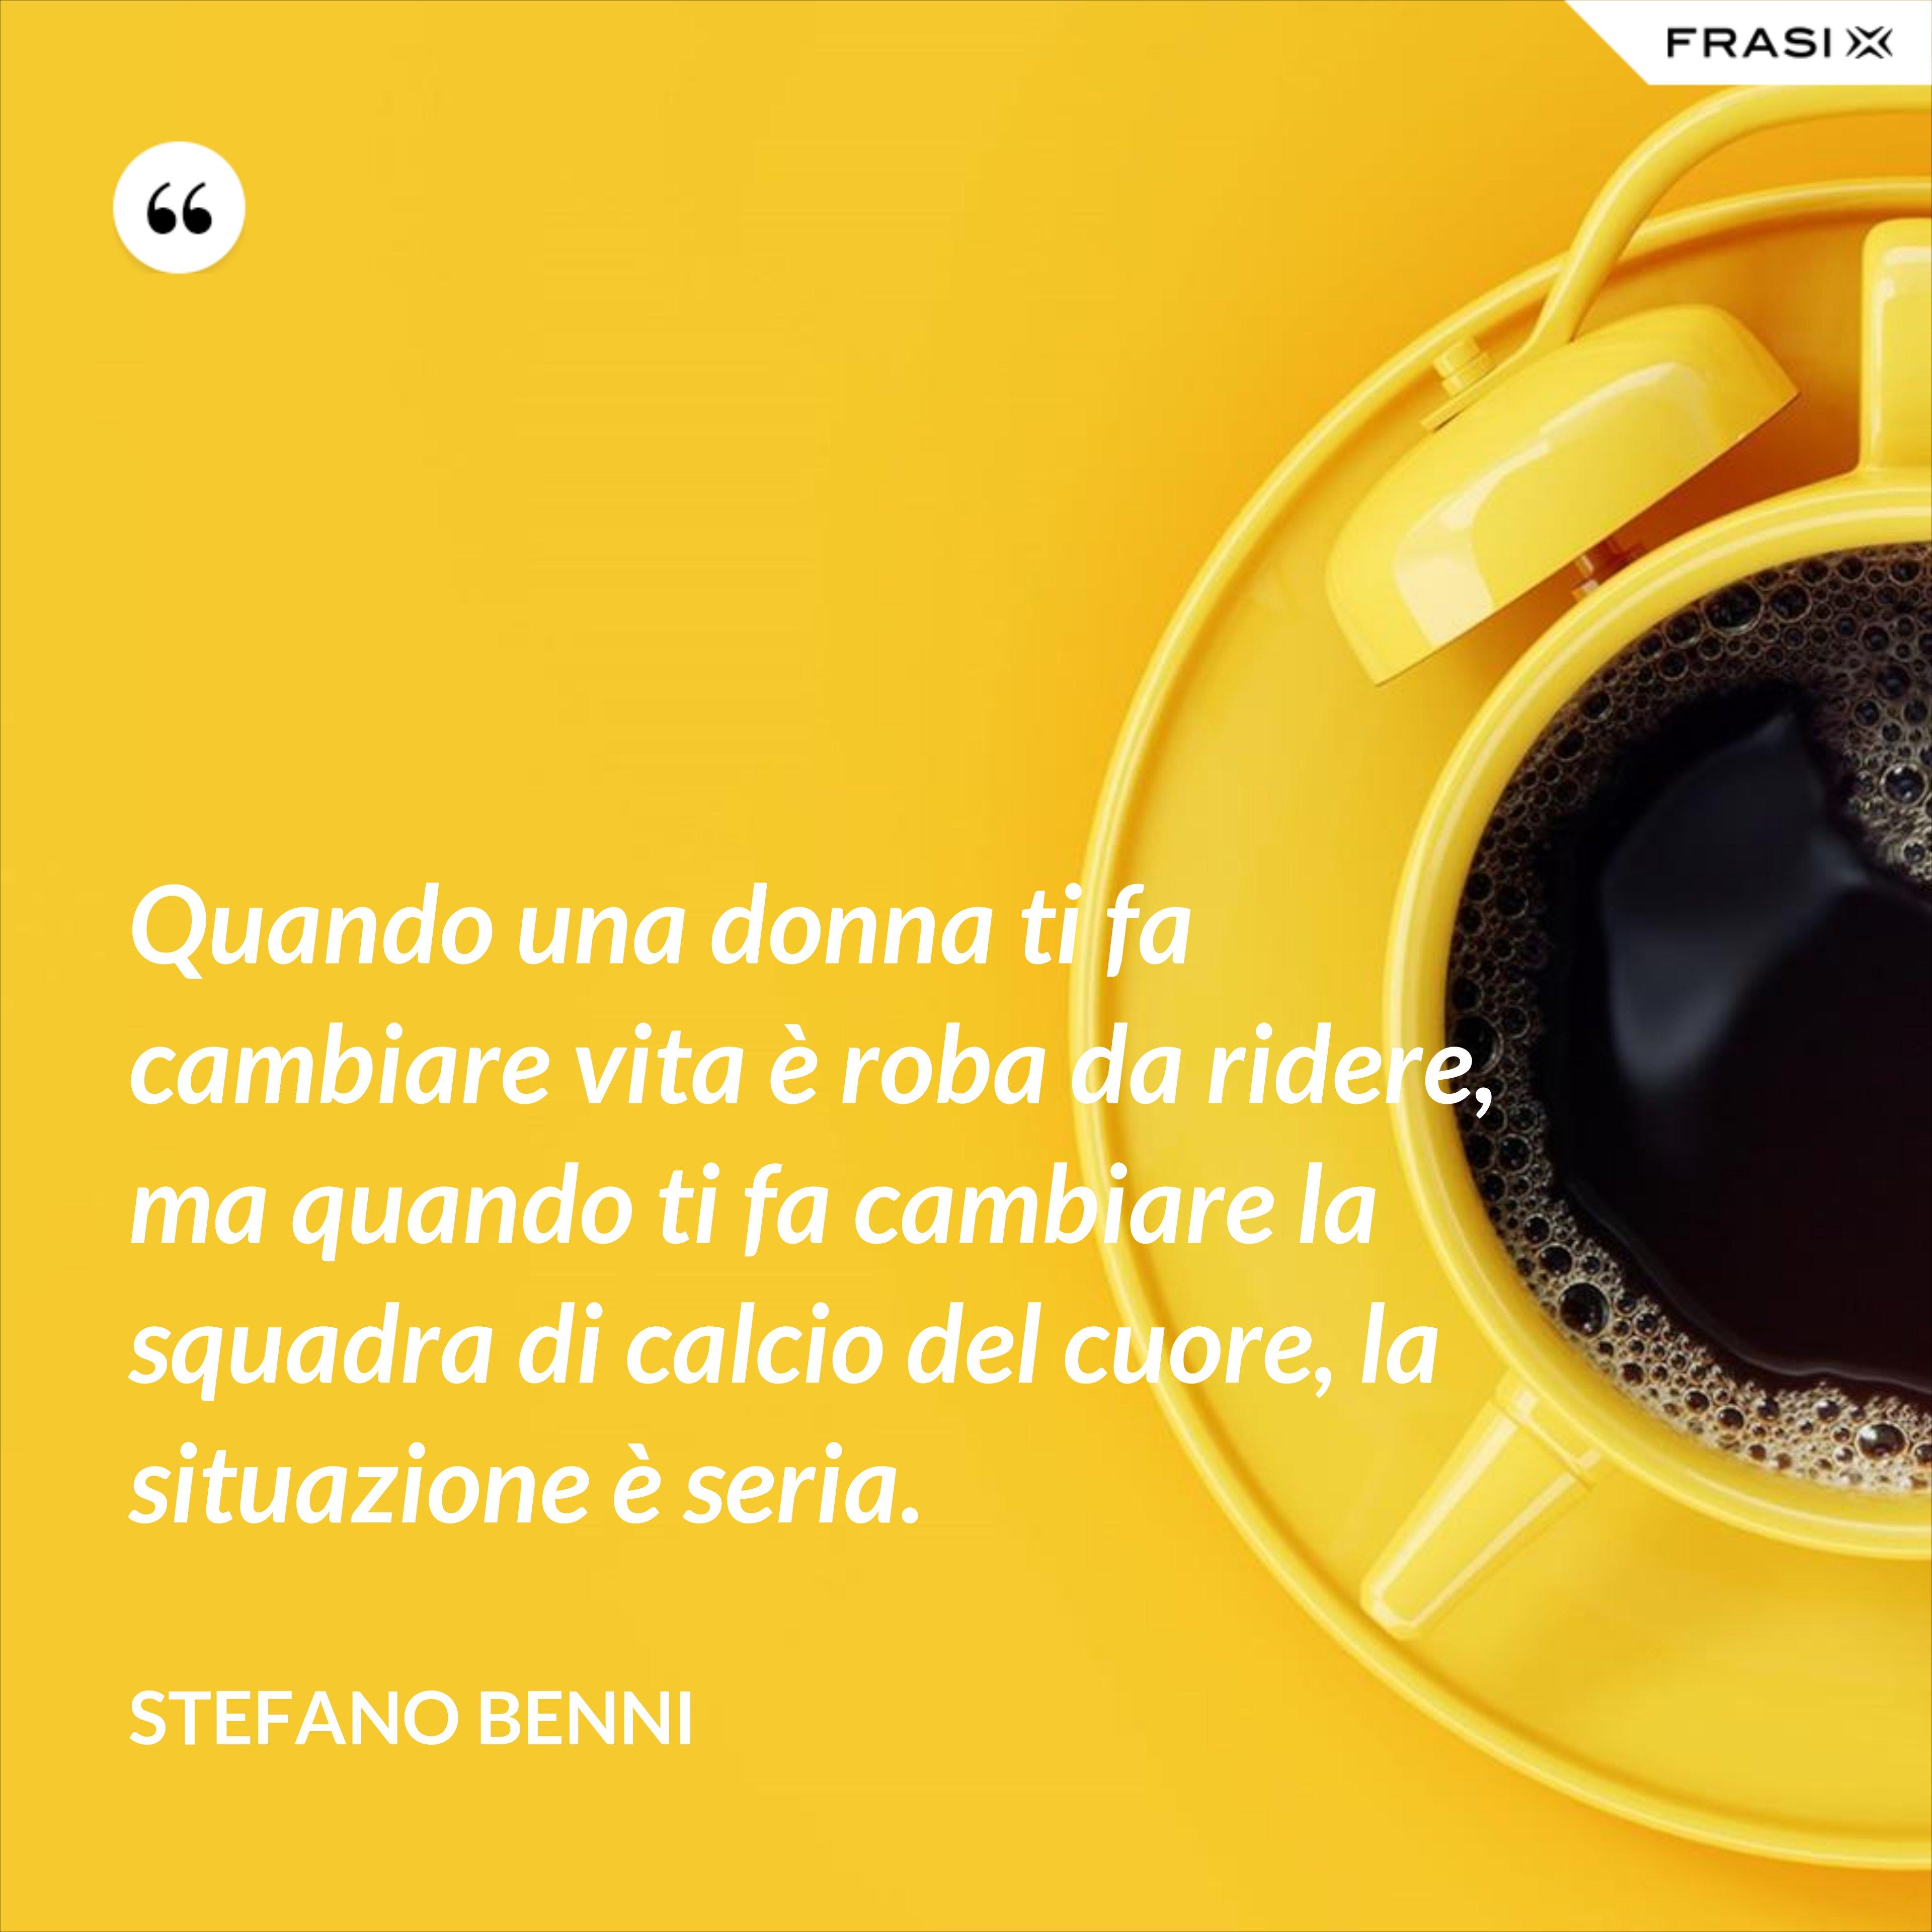 Quando una donna ti fa cambiare vita è roba da ridere, ma quando ti fa cambiare la squadra di calcio del cuore, la situazione è seria. - Stefano Benni